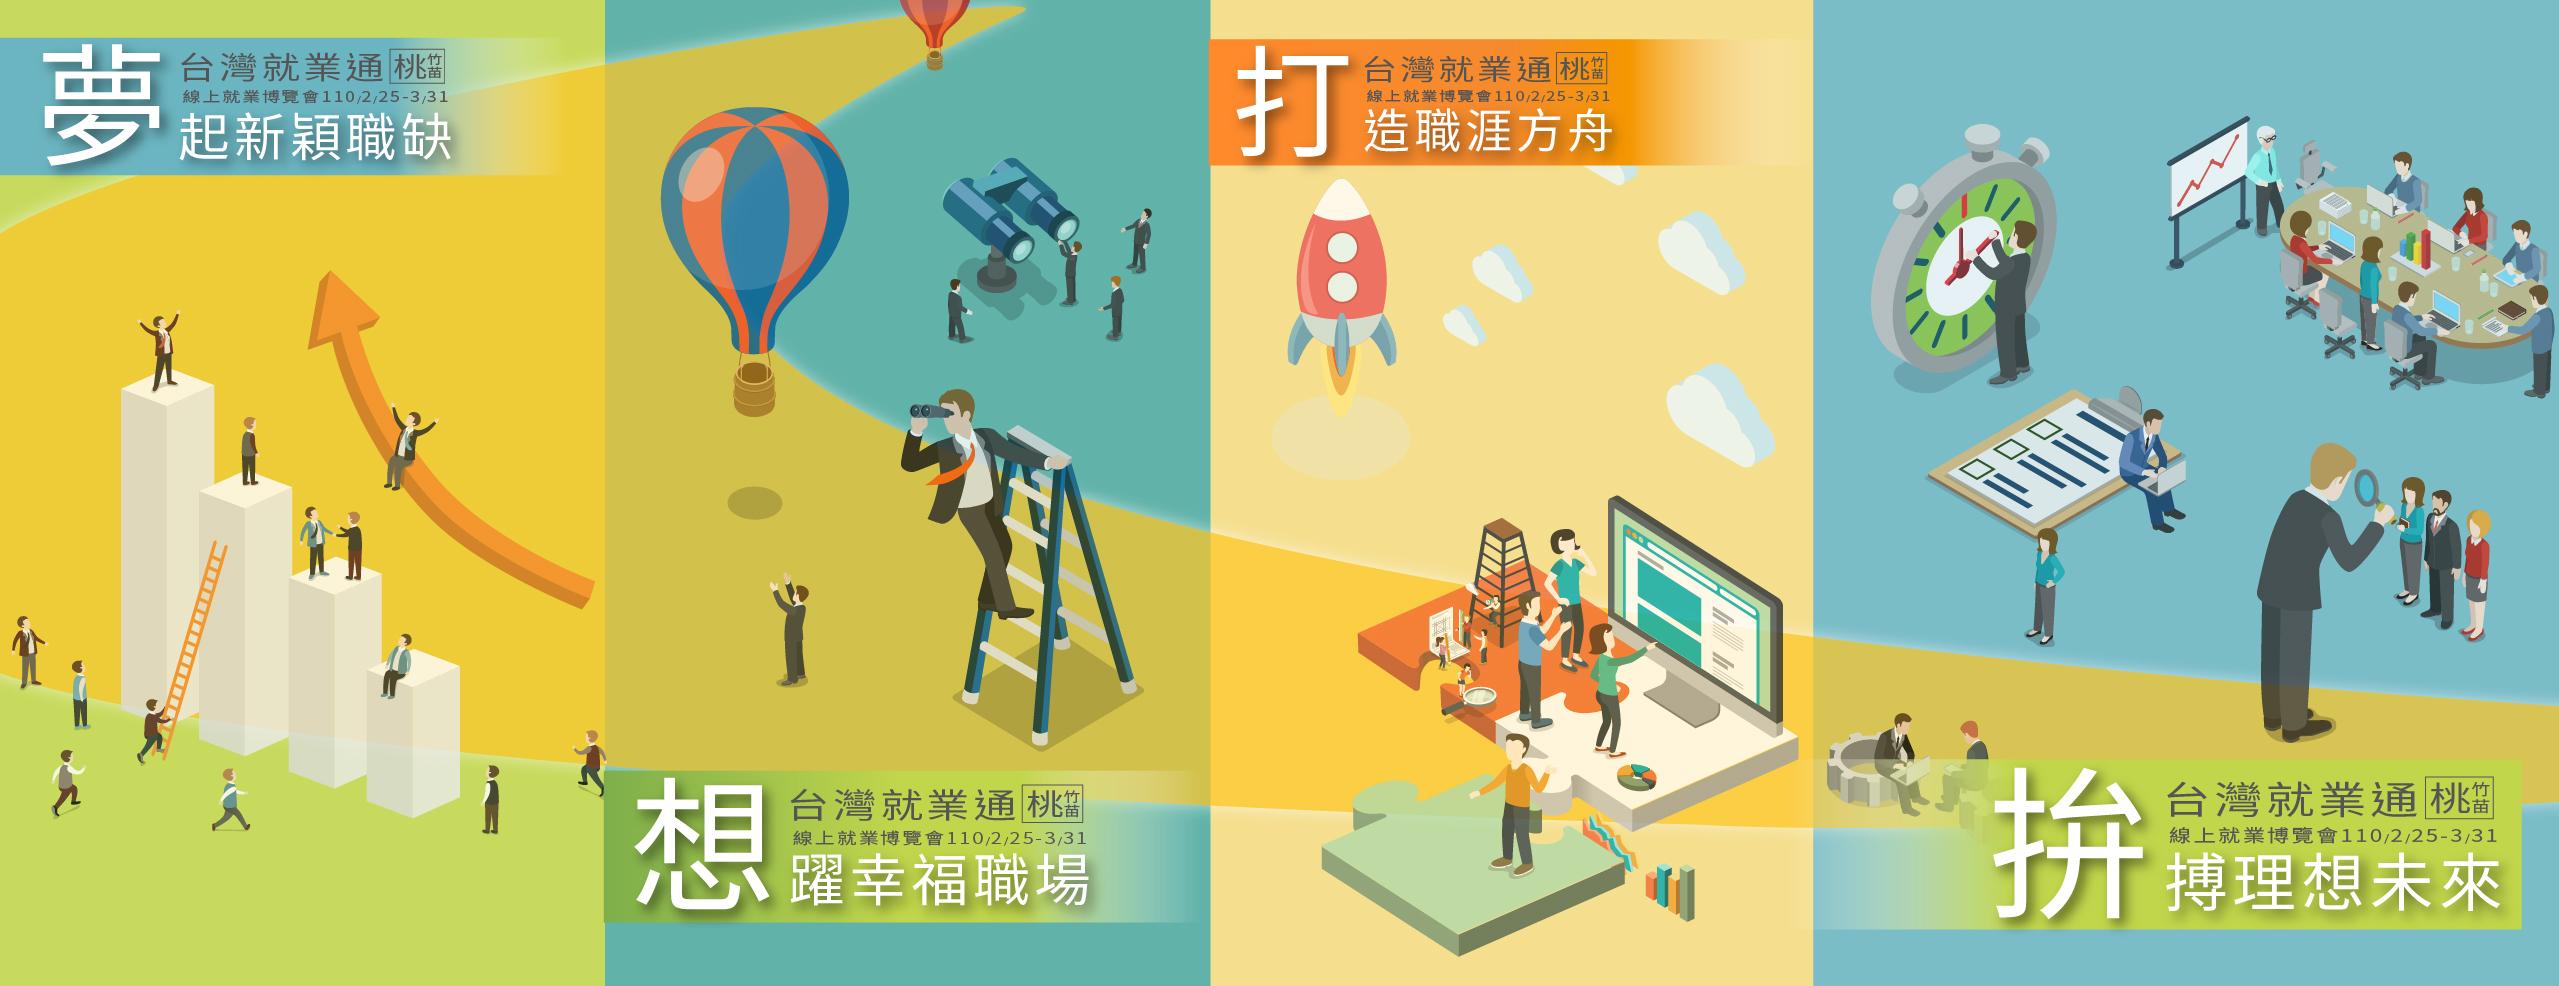 勞動部年後線上就業博覽會,陪您一起找工作!